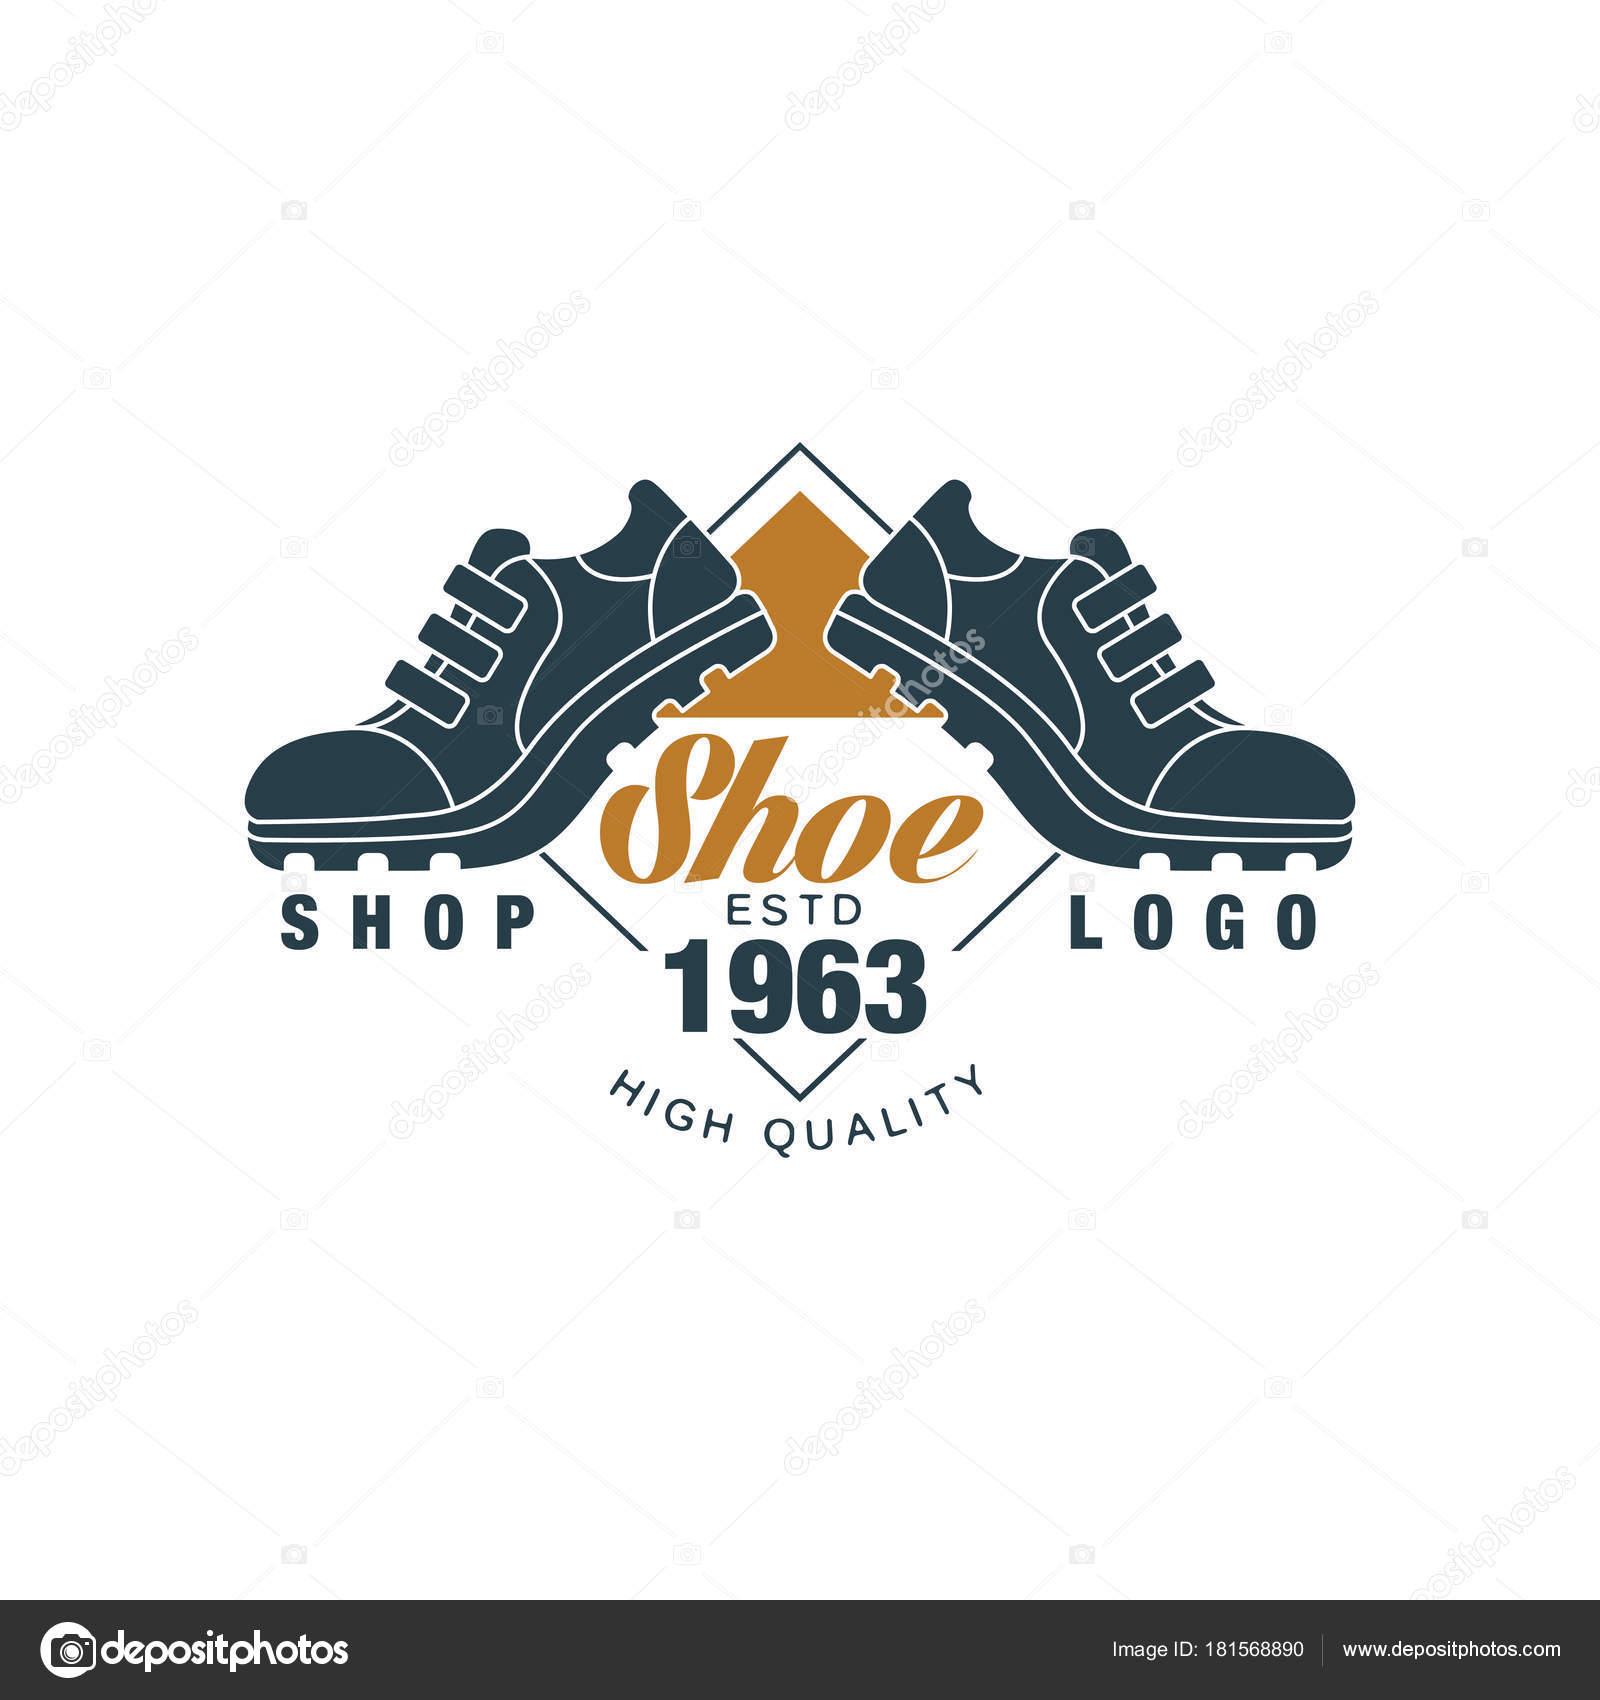 5f0cce6e8d0 Schoen winkel logo, estd 1963 vintage badge voor schoeisel merk,  schoenmaker of schoenen reparatie